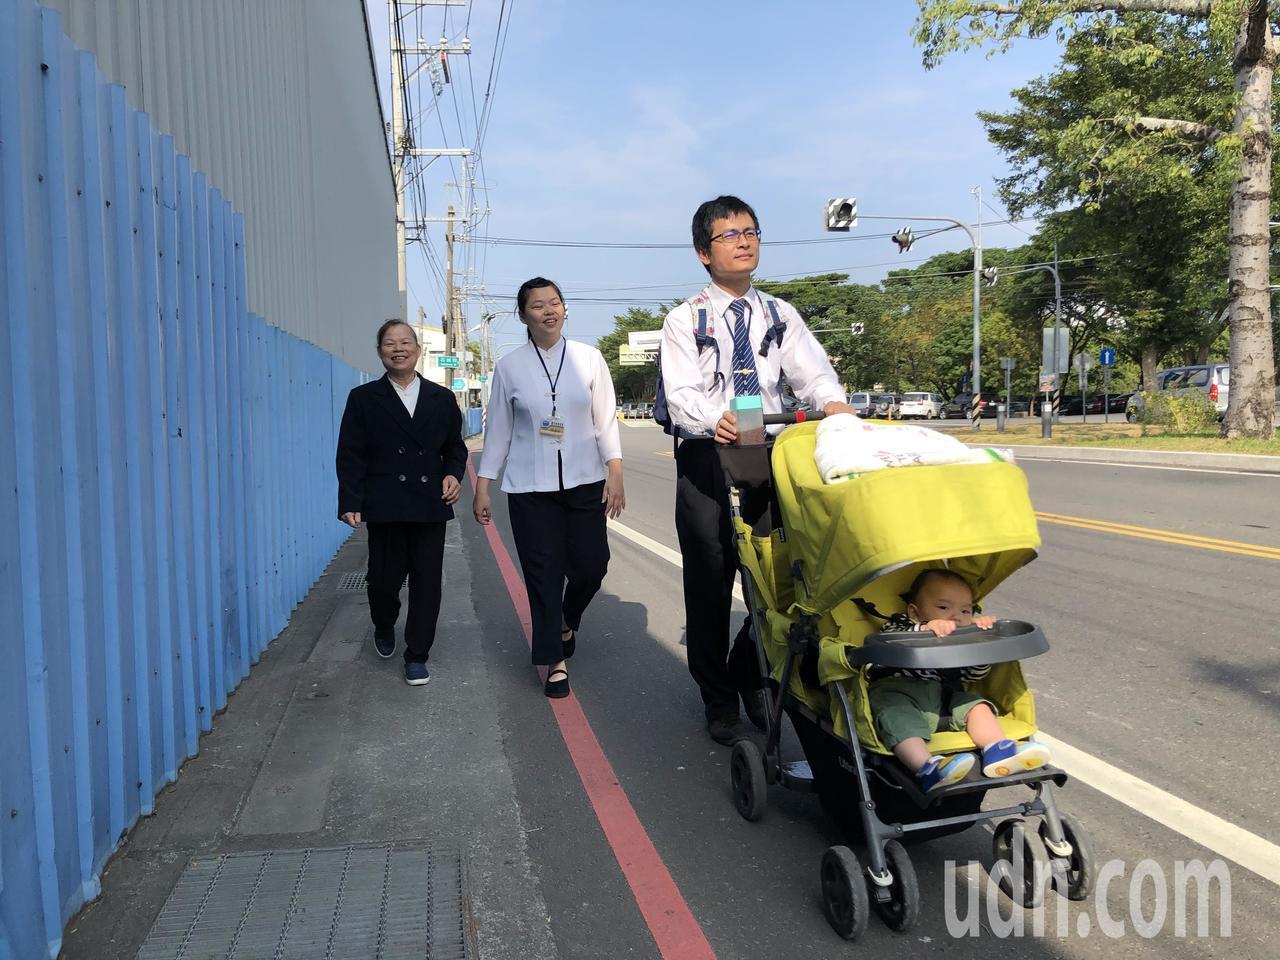 一貫道道親全家出動參加每季一次的研習會。記者陳秋雲/攝影